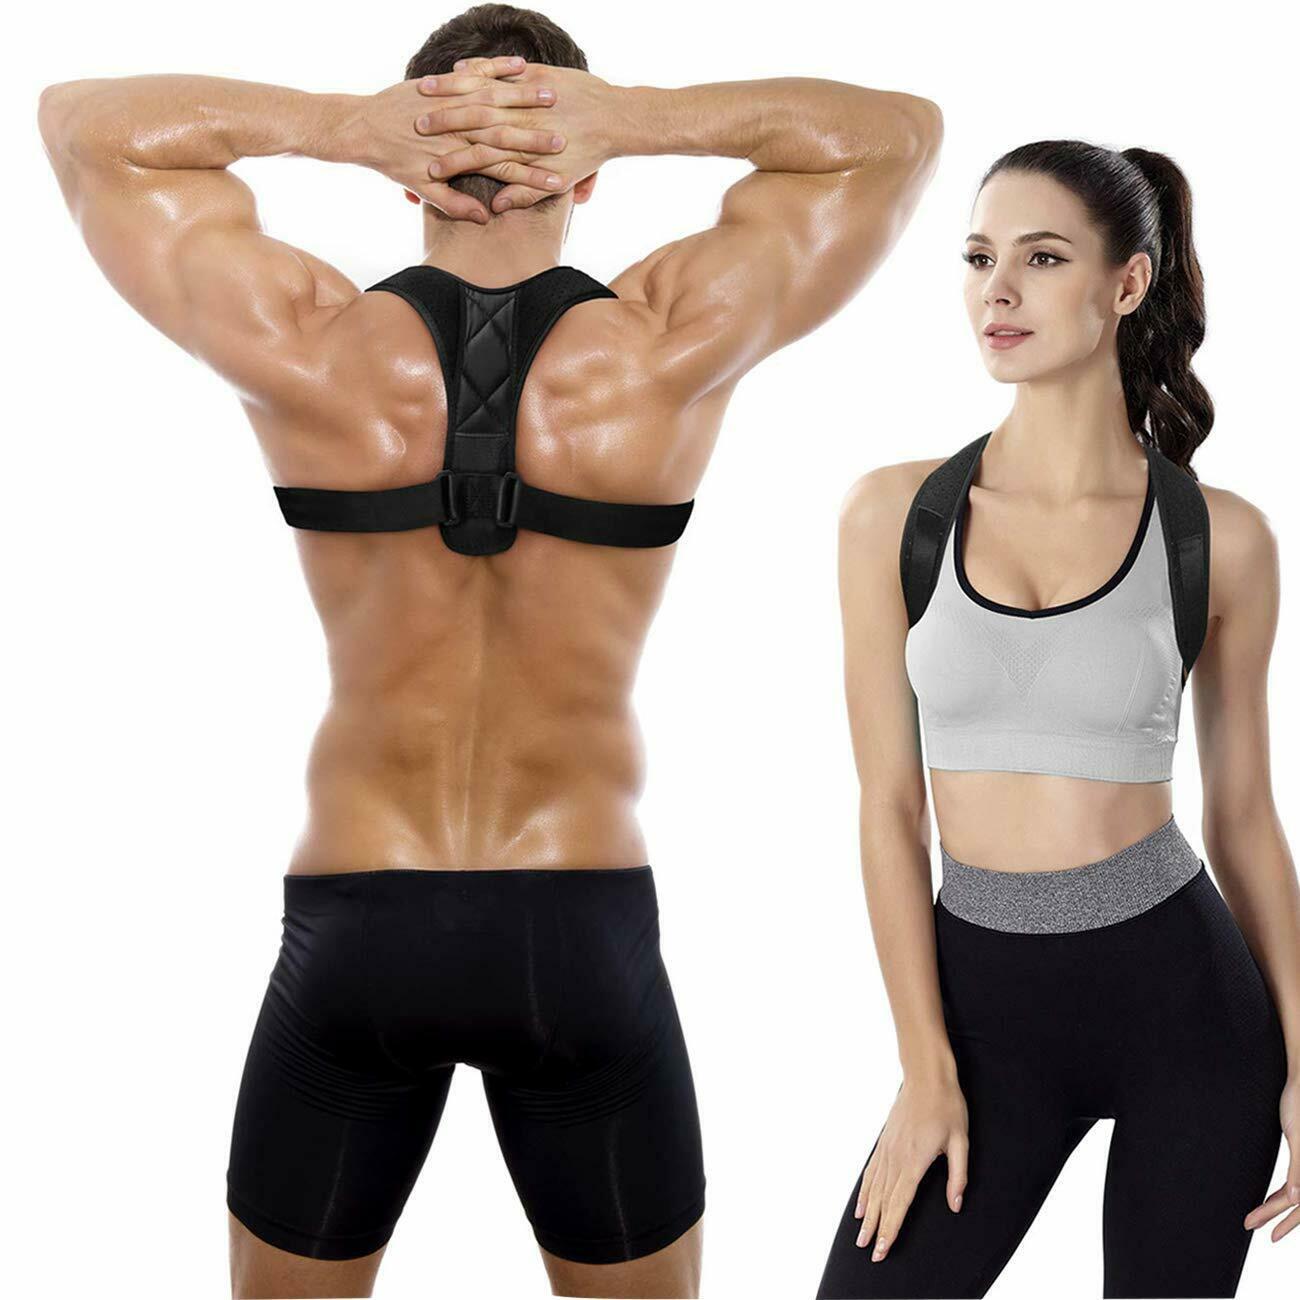 Posture Corrector Adult  Back Support Belt Corset Orthopedic Brace Shoulder Body Shaper Vest Corset  Posture Girdles Black S-XL